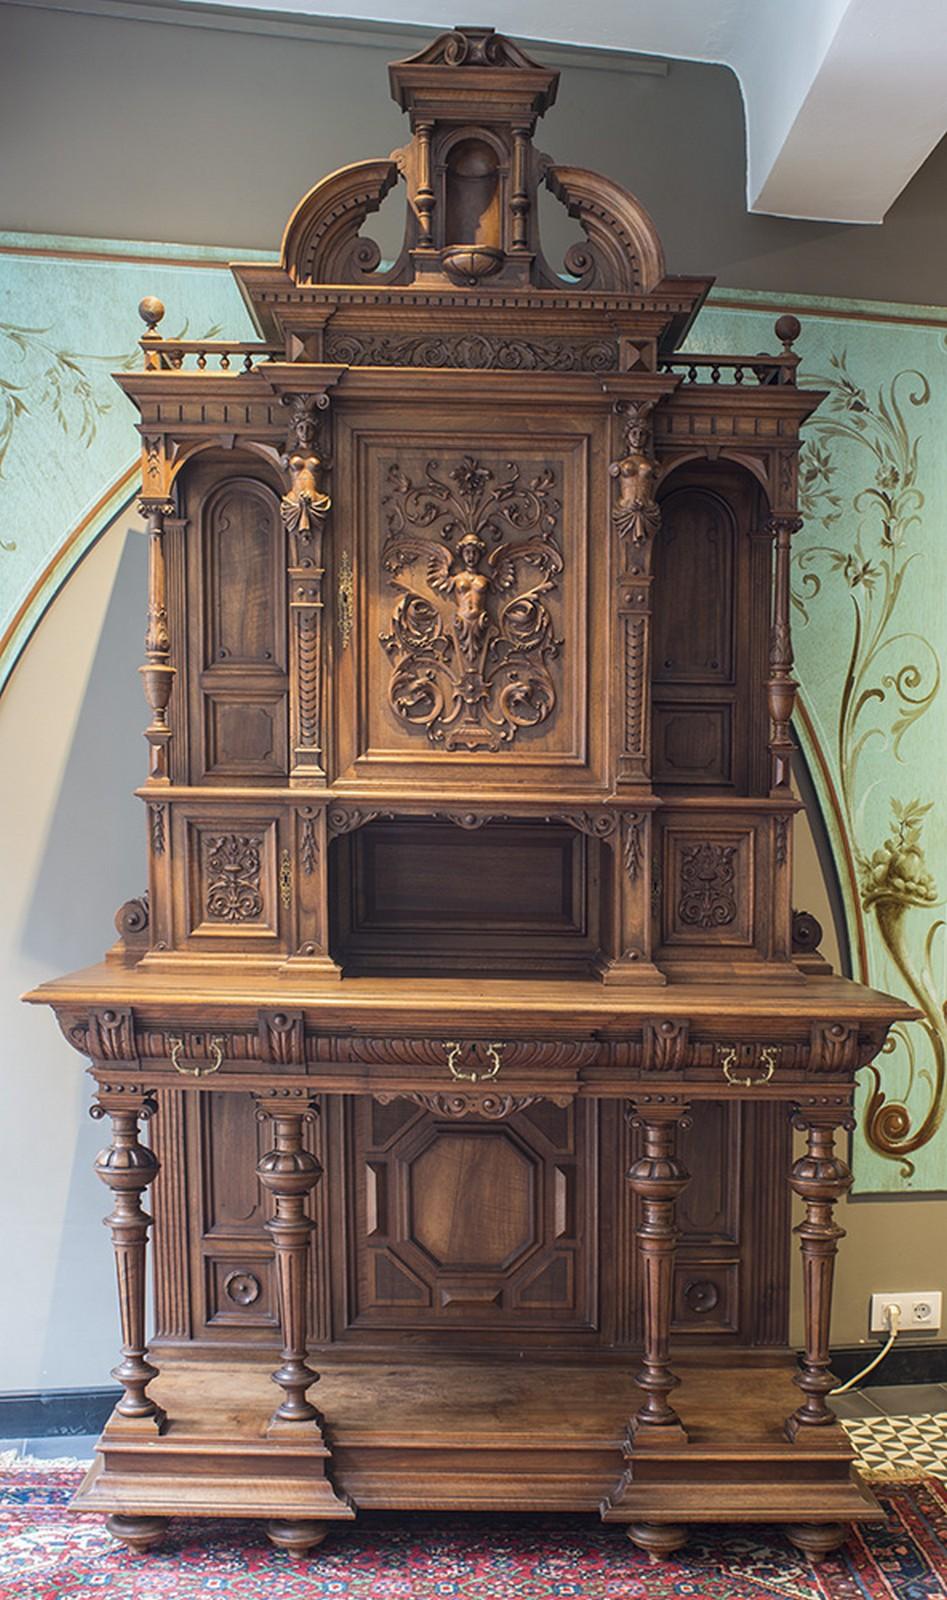 Muebles Renacentistas - Mueble De Dos Cuerpos Francia Siglo Xix Estilo Renacentista [mjhdah]https://cloud10.todocoleccion.online/antiguedades/tc/2015/11/30/03/53054658.jpg